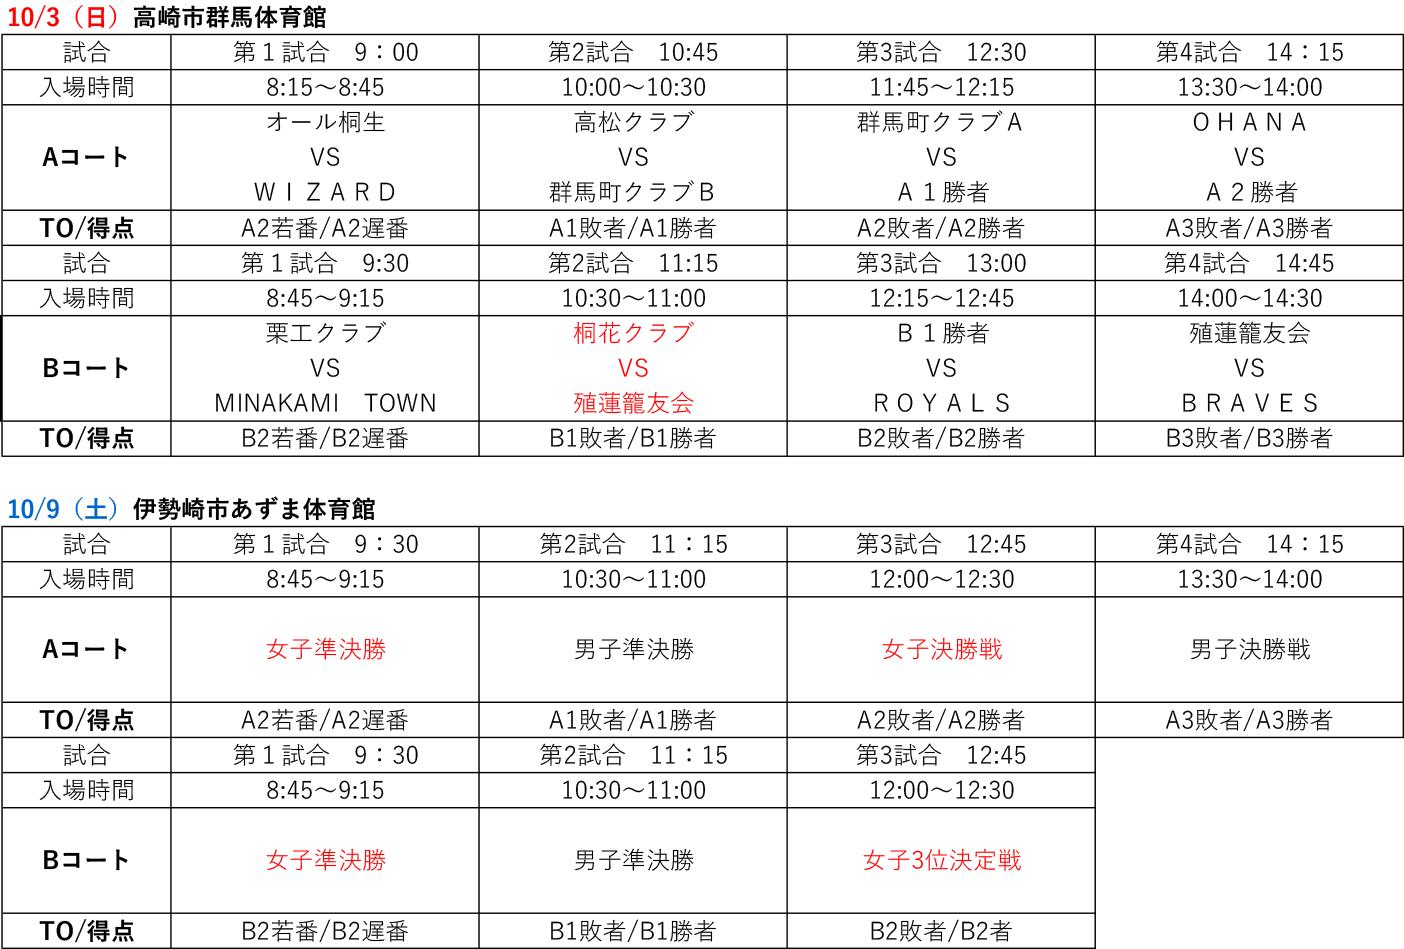 2021年度 第4回 全日本社会人選手権大会 関東ブロック予選出場決定戦 - 試合日程